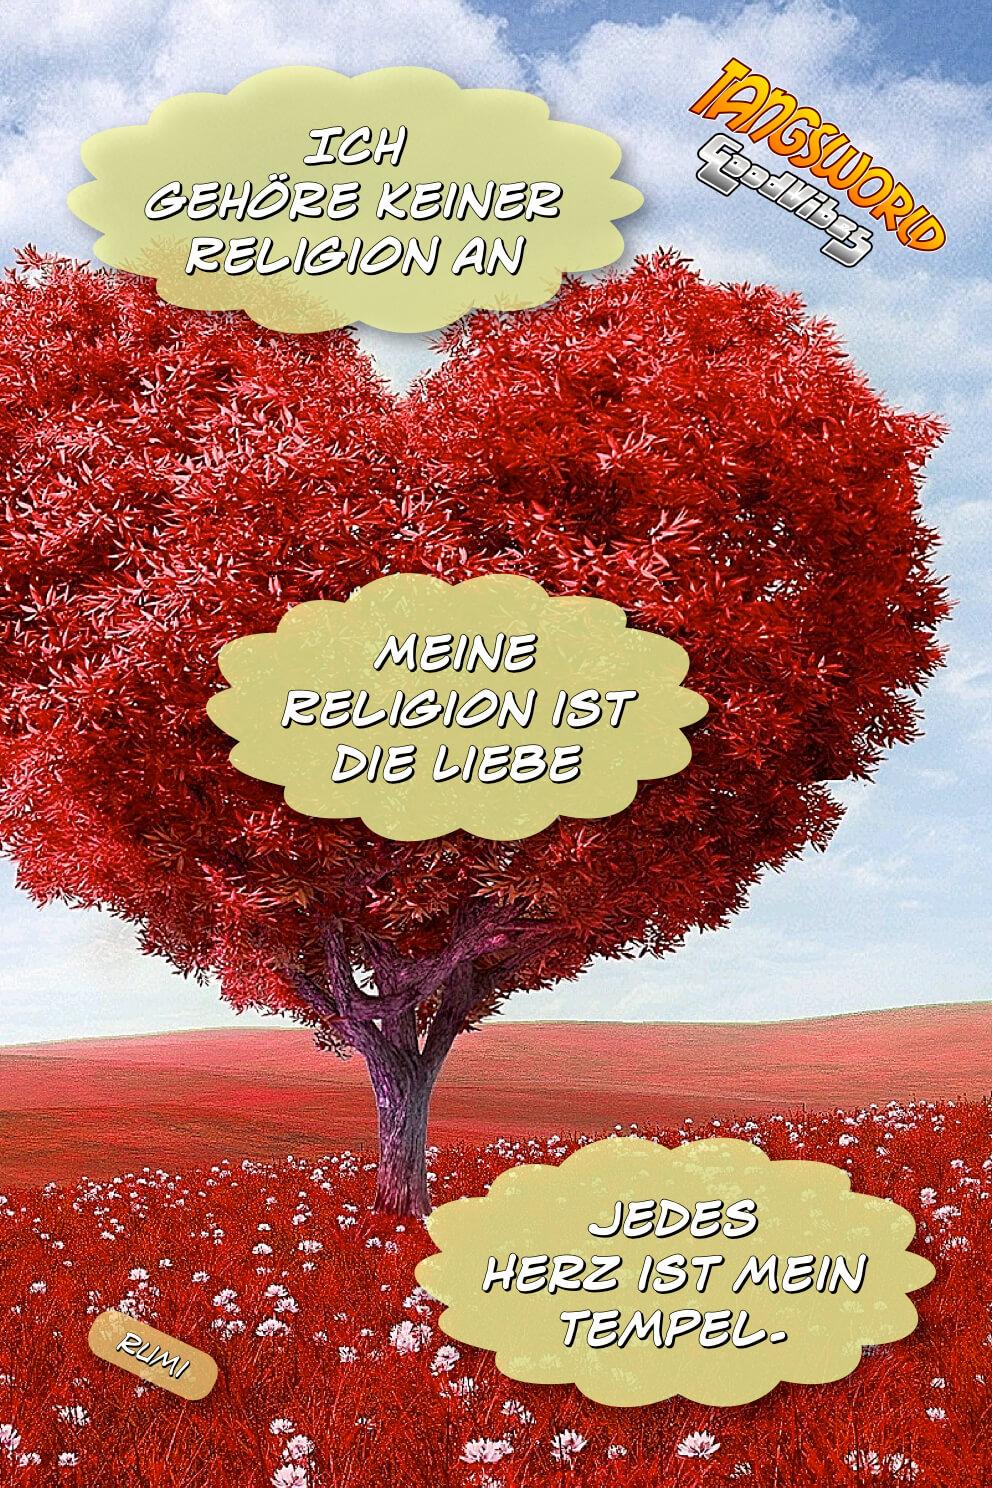 Ich gehöre keiner Religion an. Meine Religion ist die Liebe. Jedes Herz ist mein Tempel. - Geistesblitze | Rumi